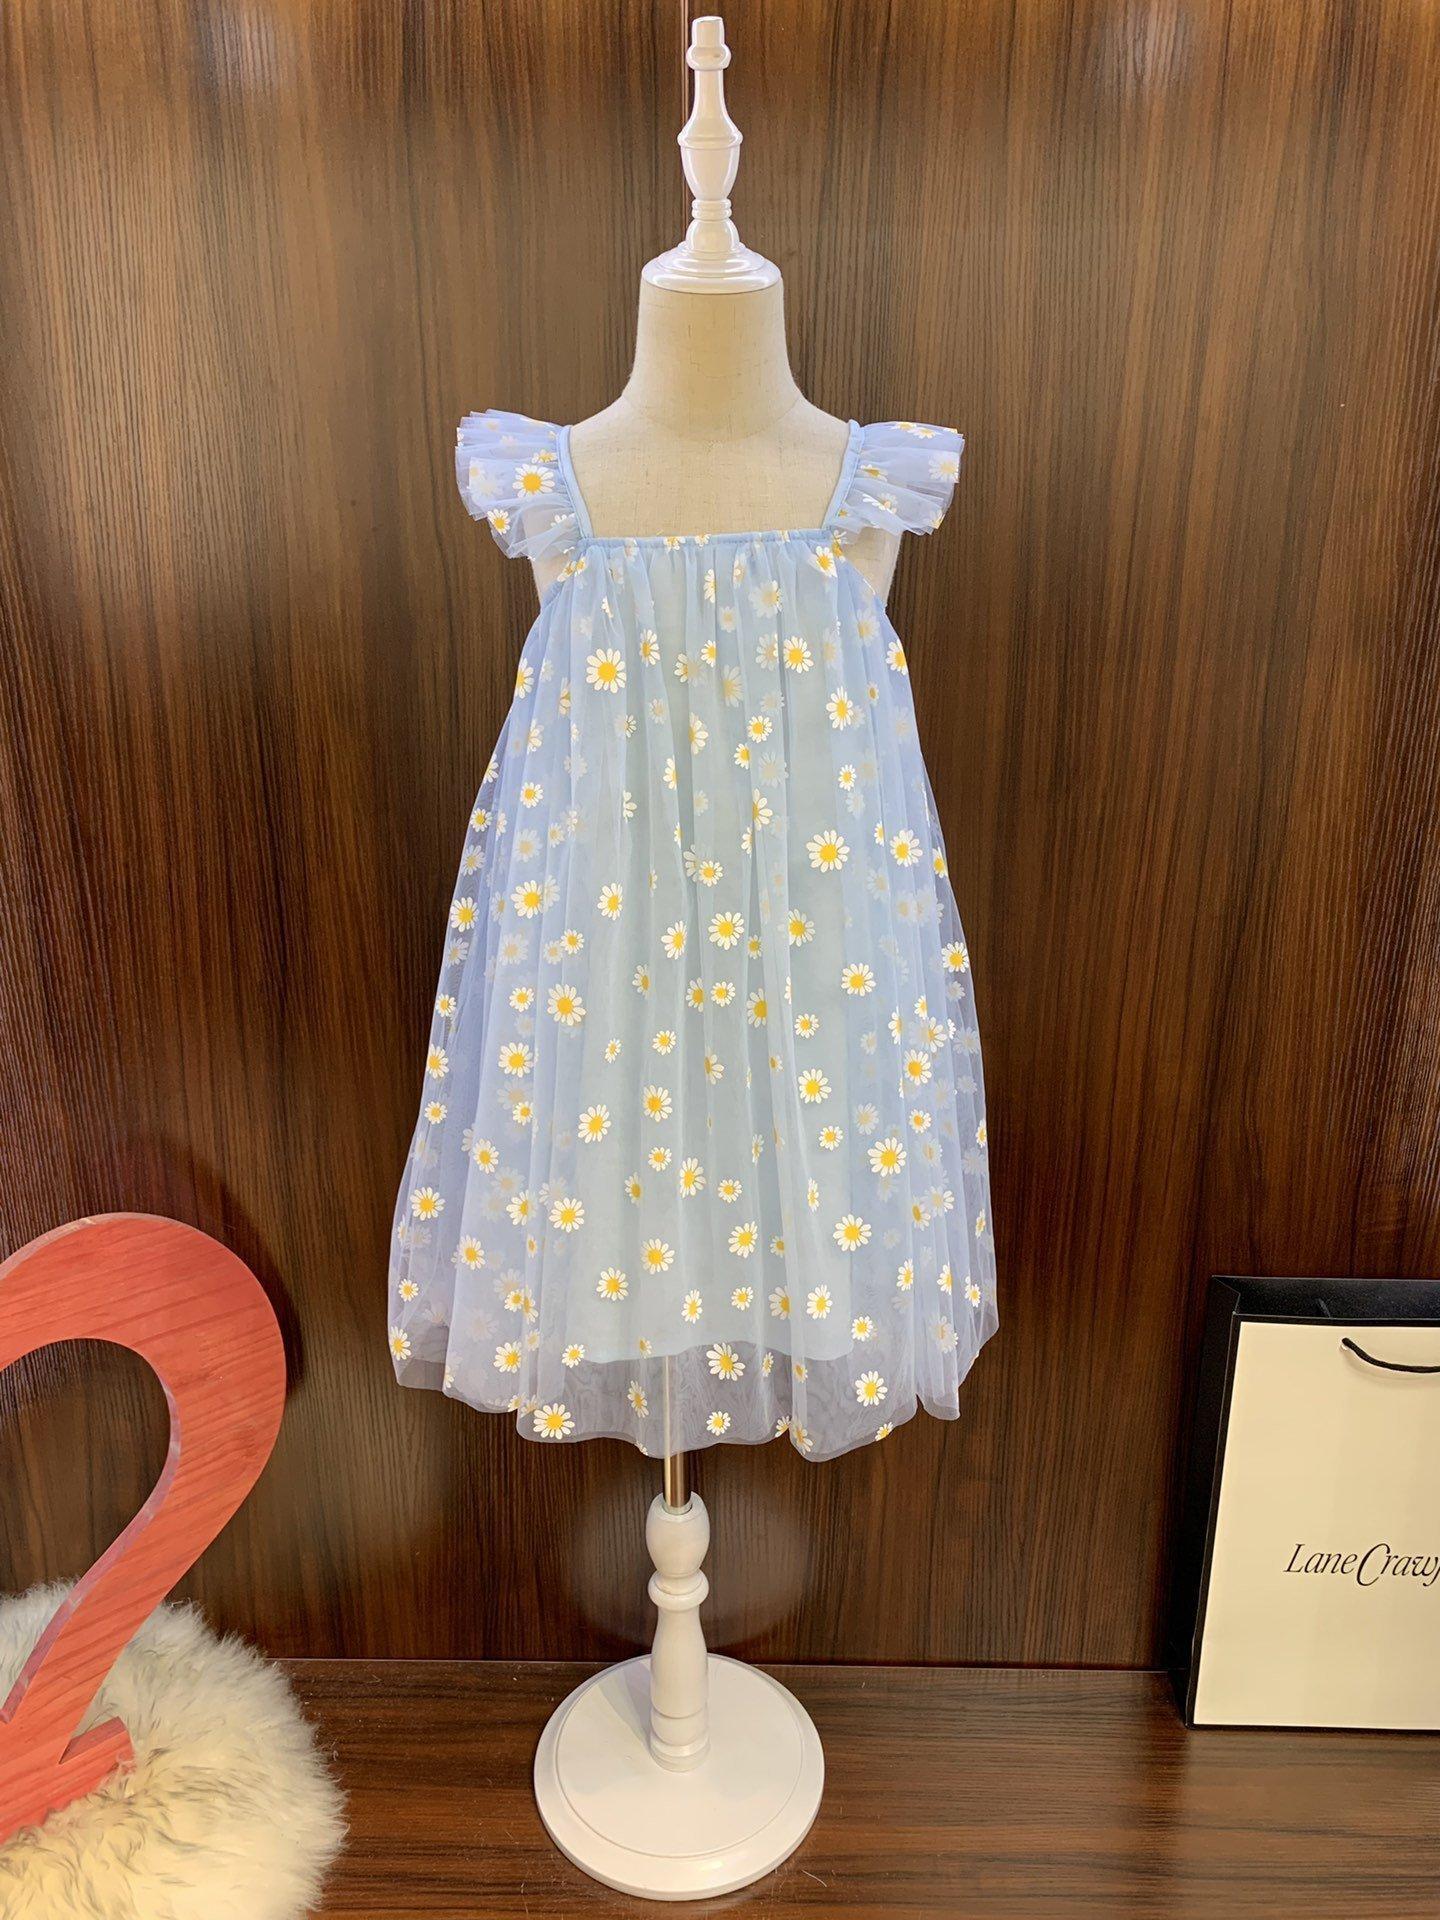 Tasarımcı bebek pamuk elbise Elbise 2020 Yeni en iyi satmak Ücretsiz nakliye sıcak Satış modern tarzda klasik yakışıklı basit HBA6